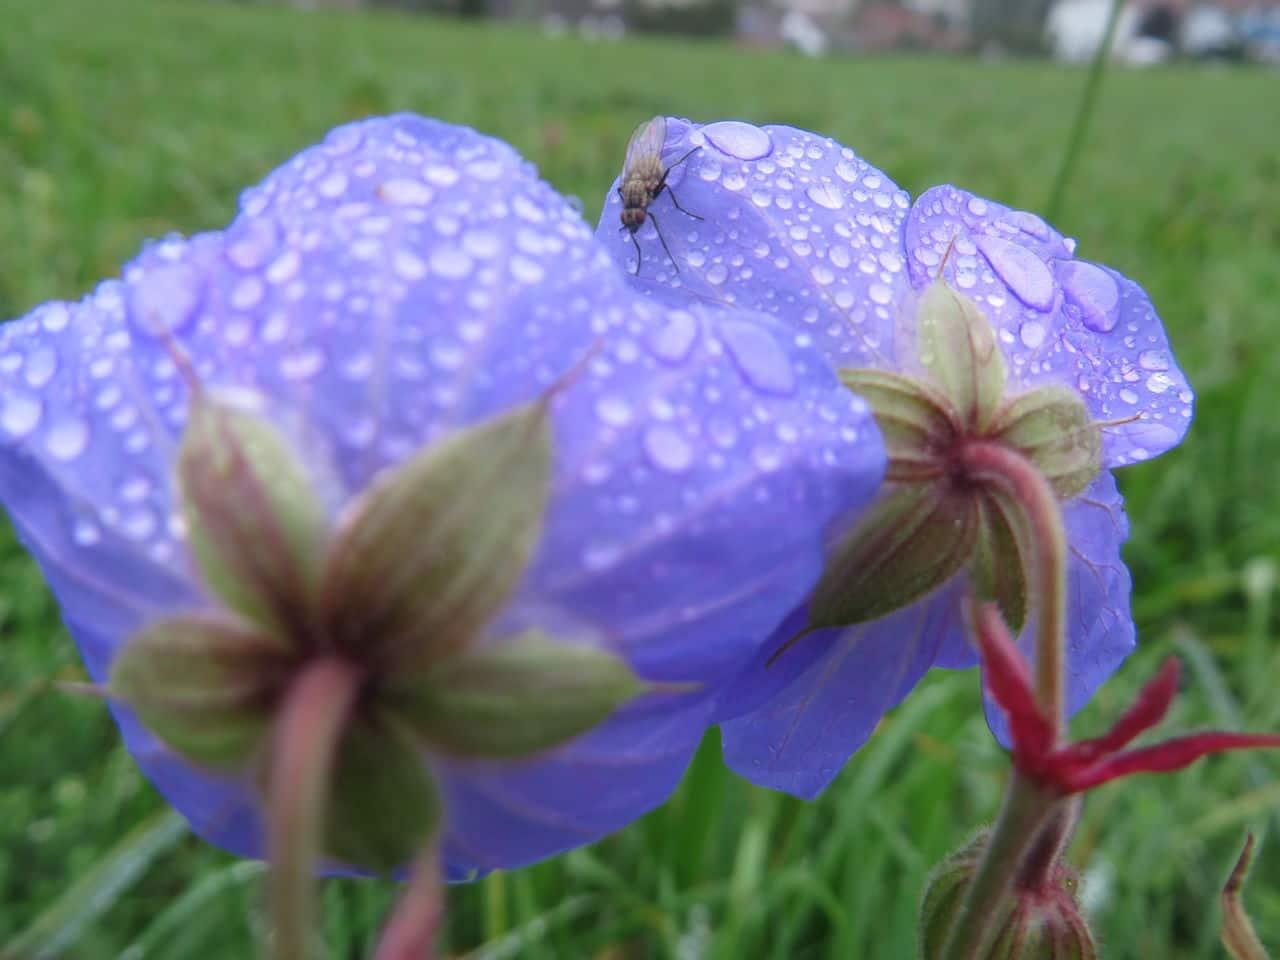 Auch Dauerregen hat seine schönen Seiten IMG_1175